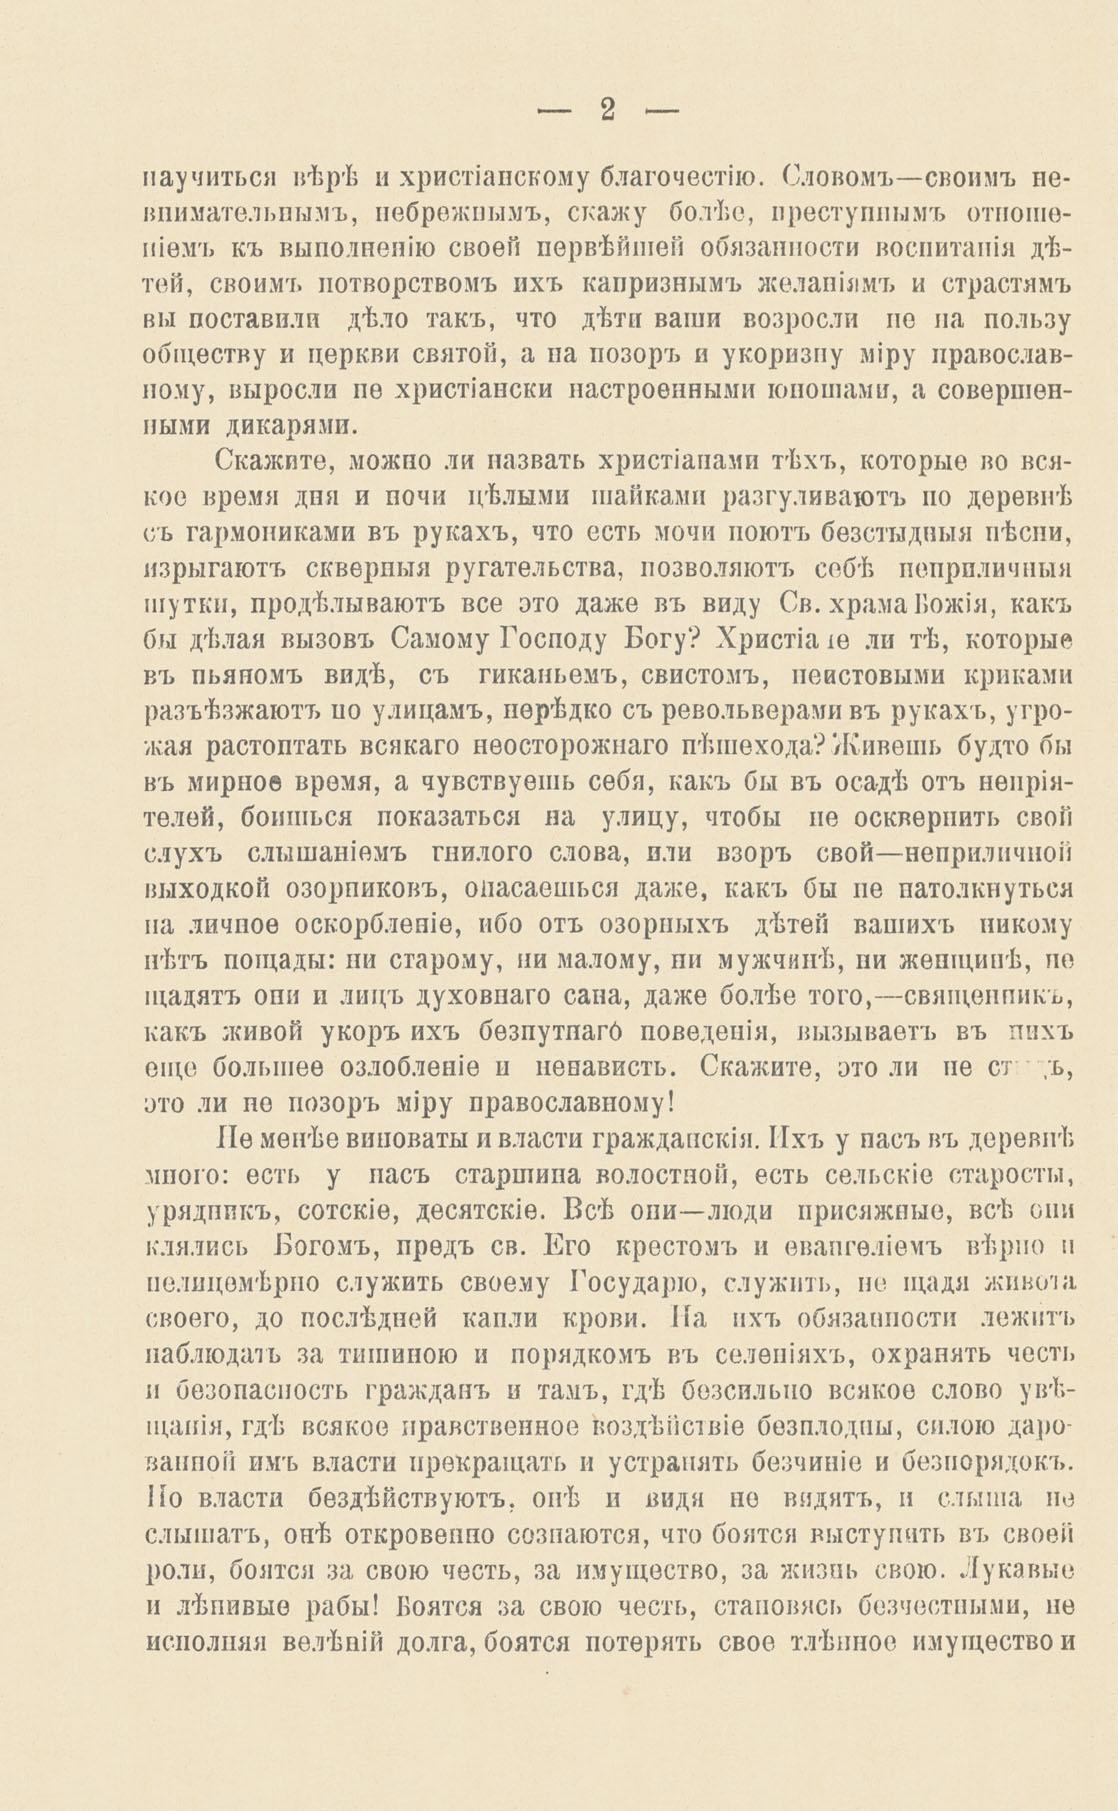 епархиальные ведомости_номер 1мо от вященника тихомирова_659 52